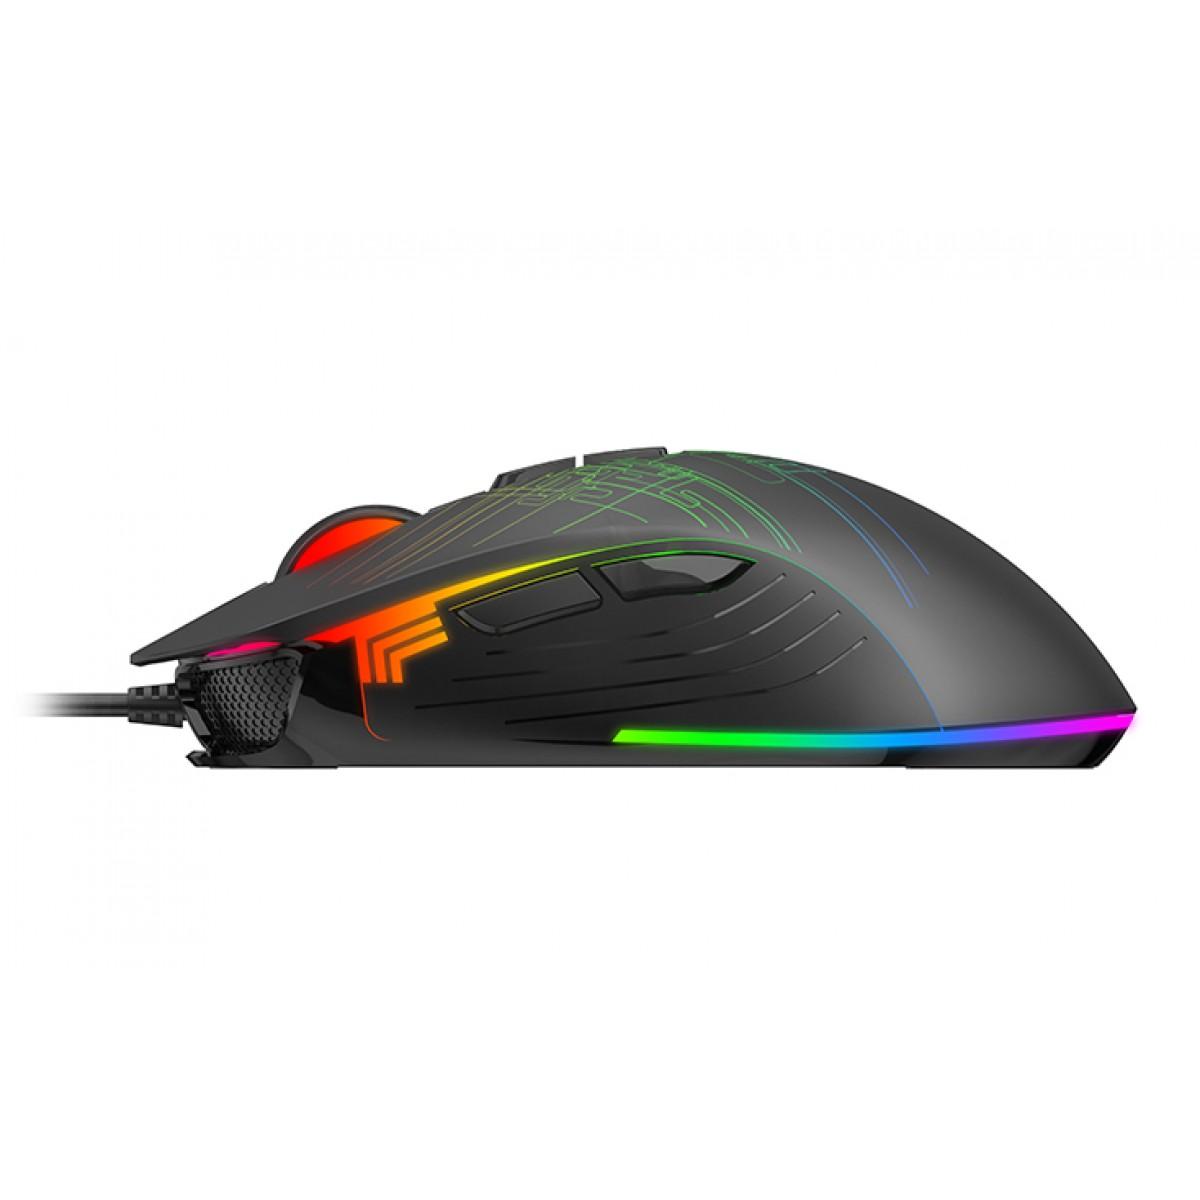 Mouse Gamer Havit MS1019, 4800 DPI, 7 Botões, RGB, Black